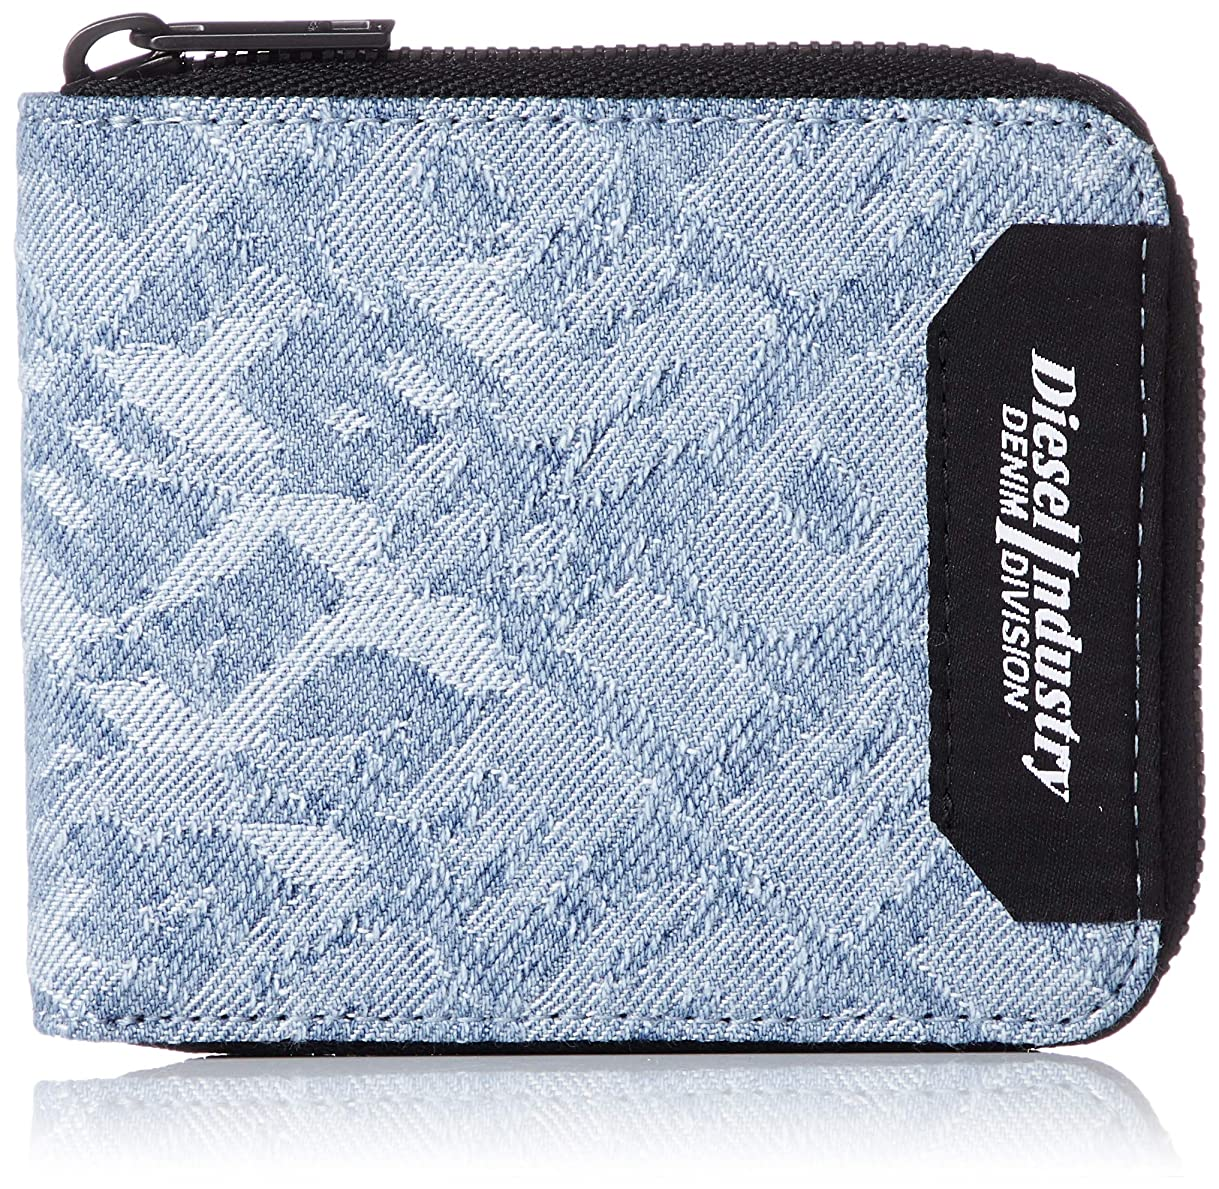 困難スキャンダル近代化(ディーゼル) DIESEL メンズ リピートロゴ 二つ折り財布 X06158P2514